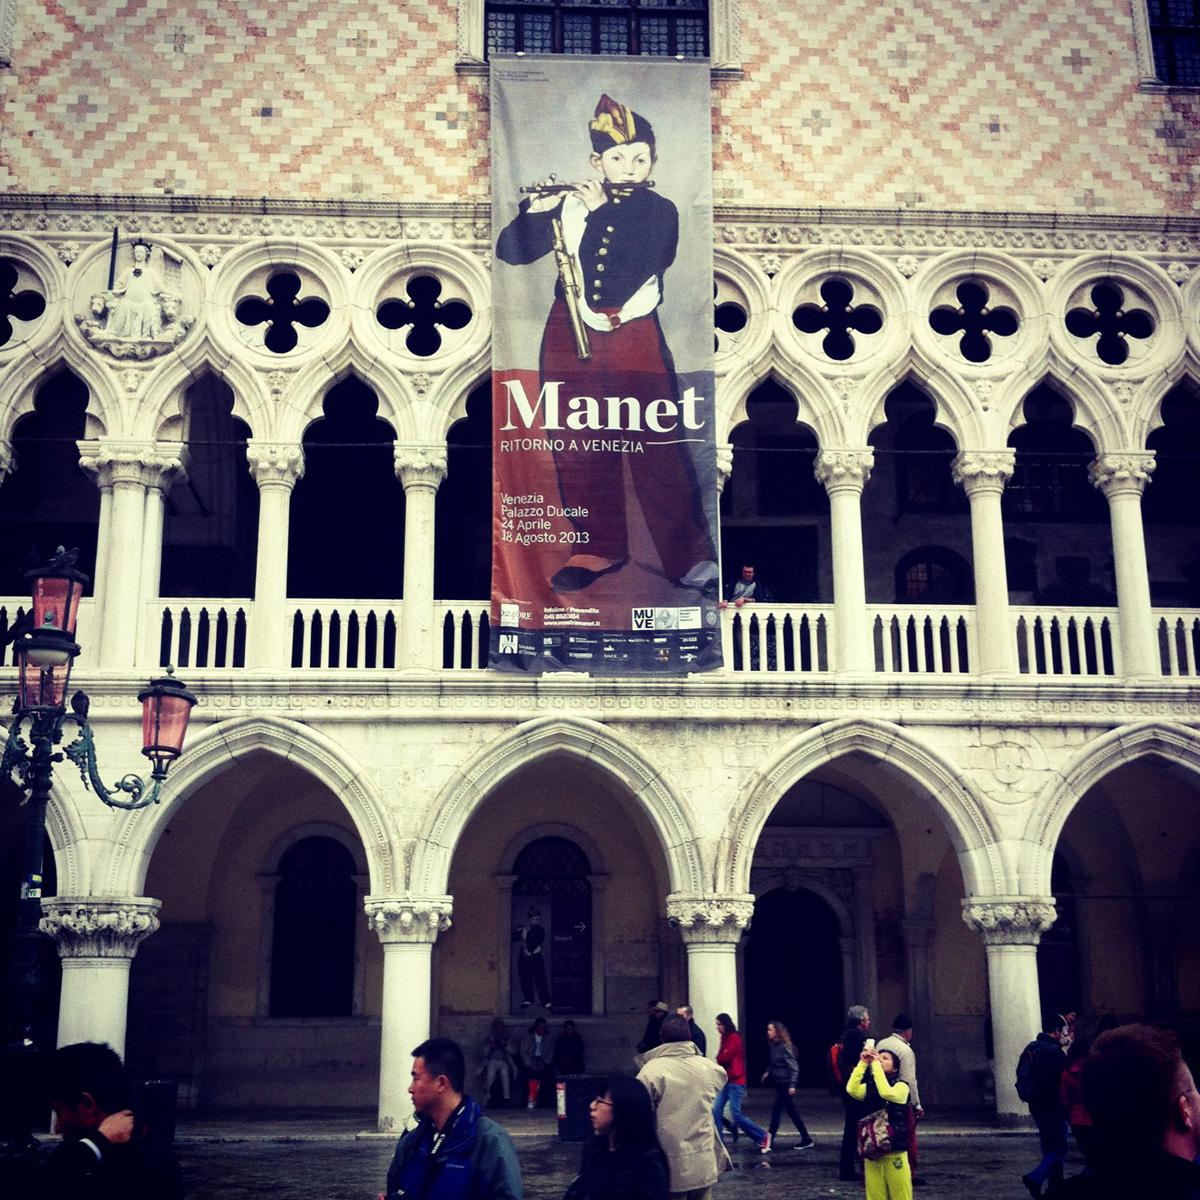 ManetRitorno-a-Venezia-005